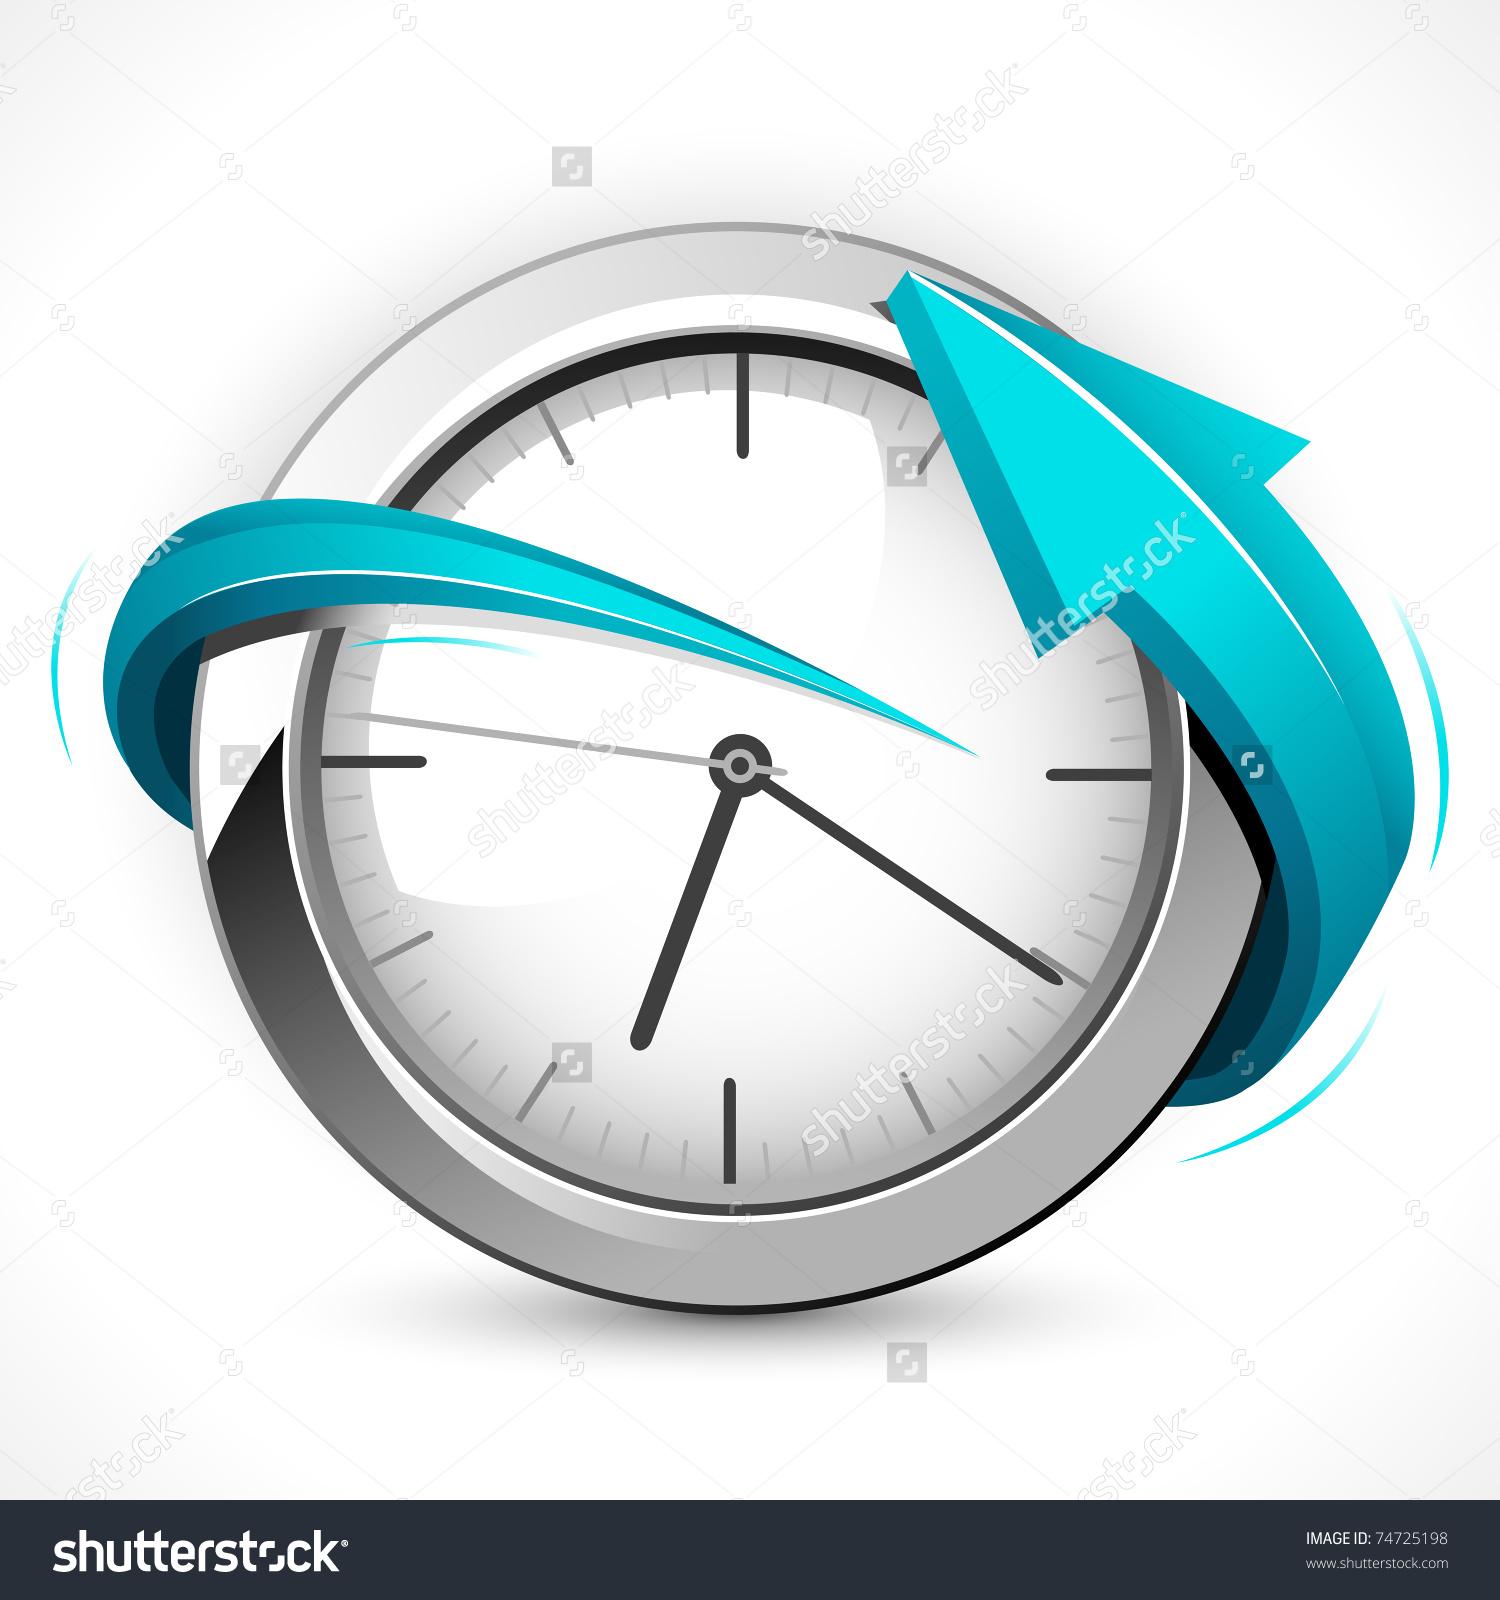 Illustration Arrow Around Clock On Abstract Stock Vector 74725198.